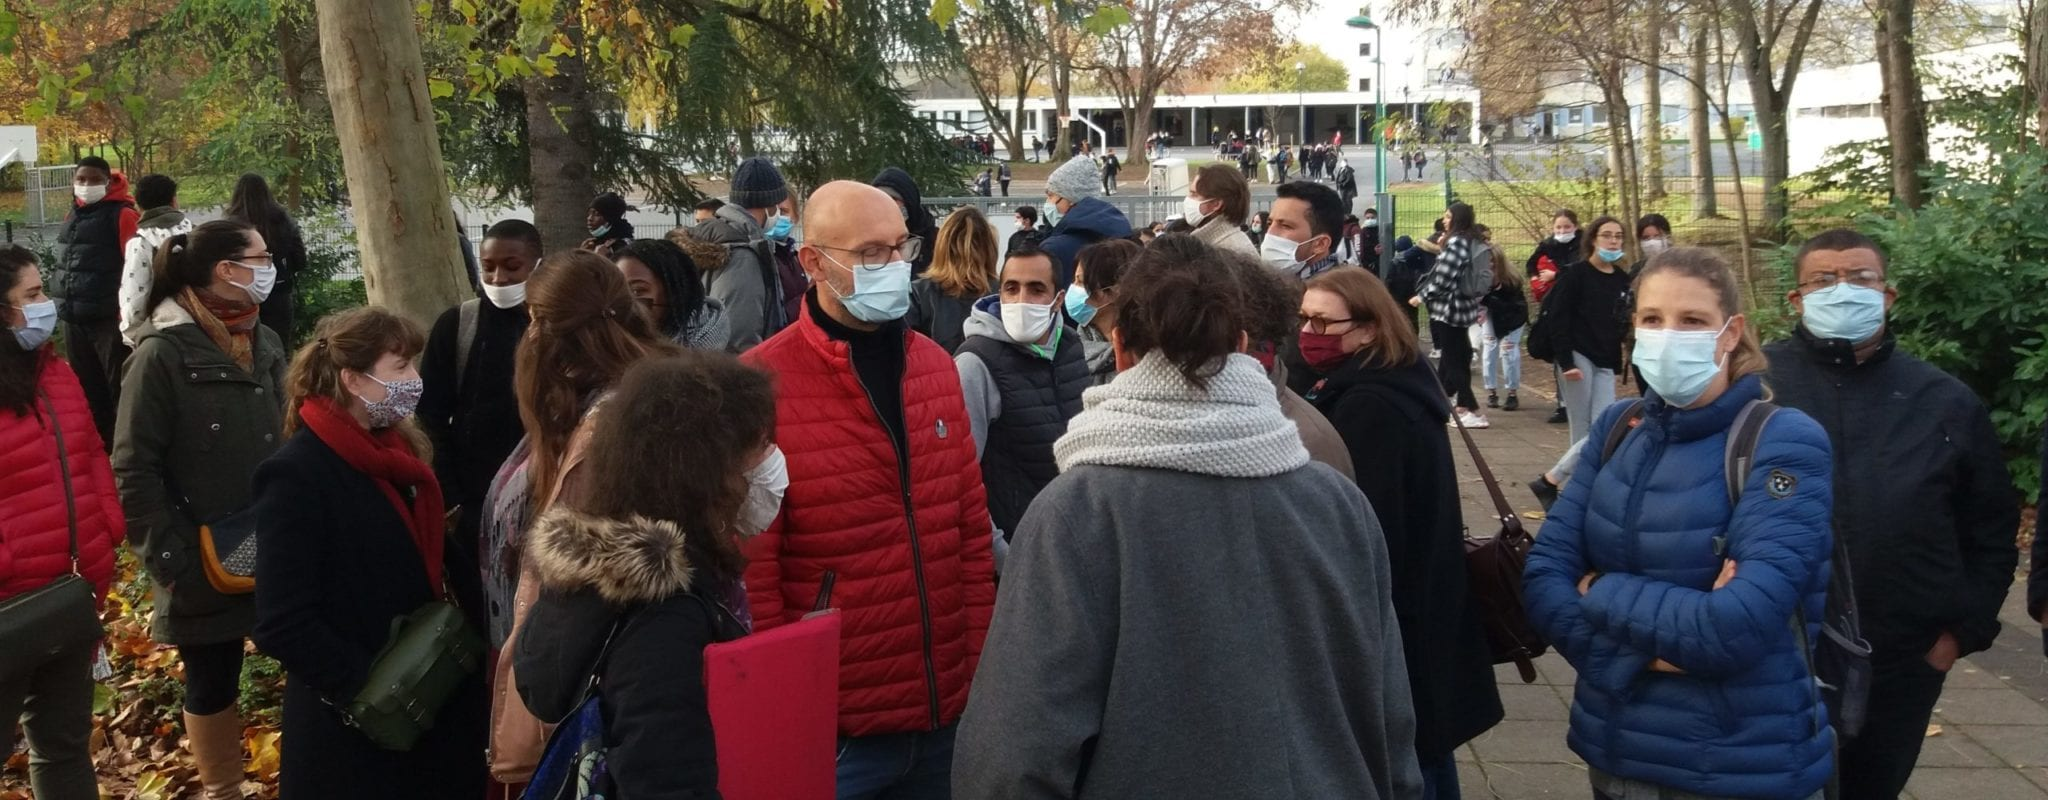 Grève spontanée des enseignants au collège Sophie Germain mardi